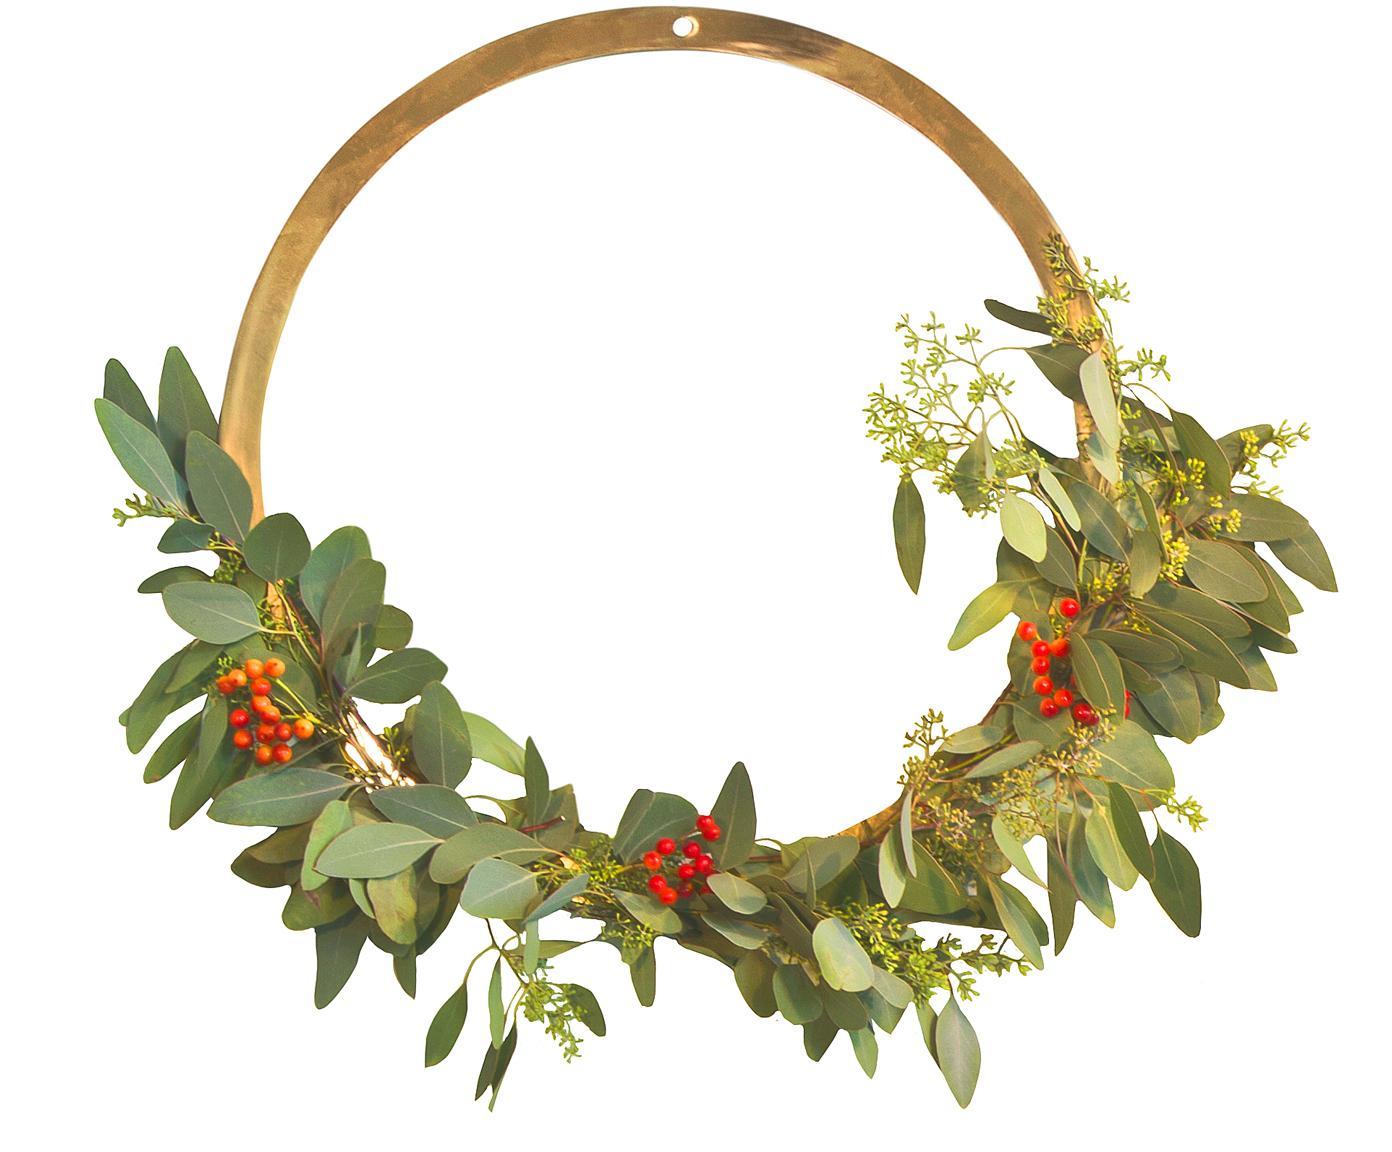 Wandobjekt Wreath, Messing, gebürstet, Messing, Ø 40 cm